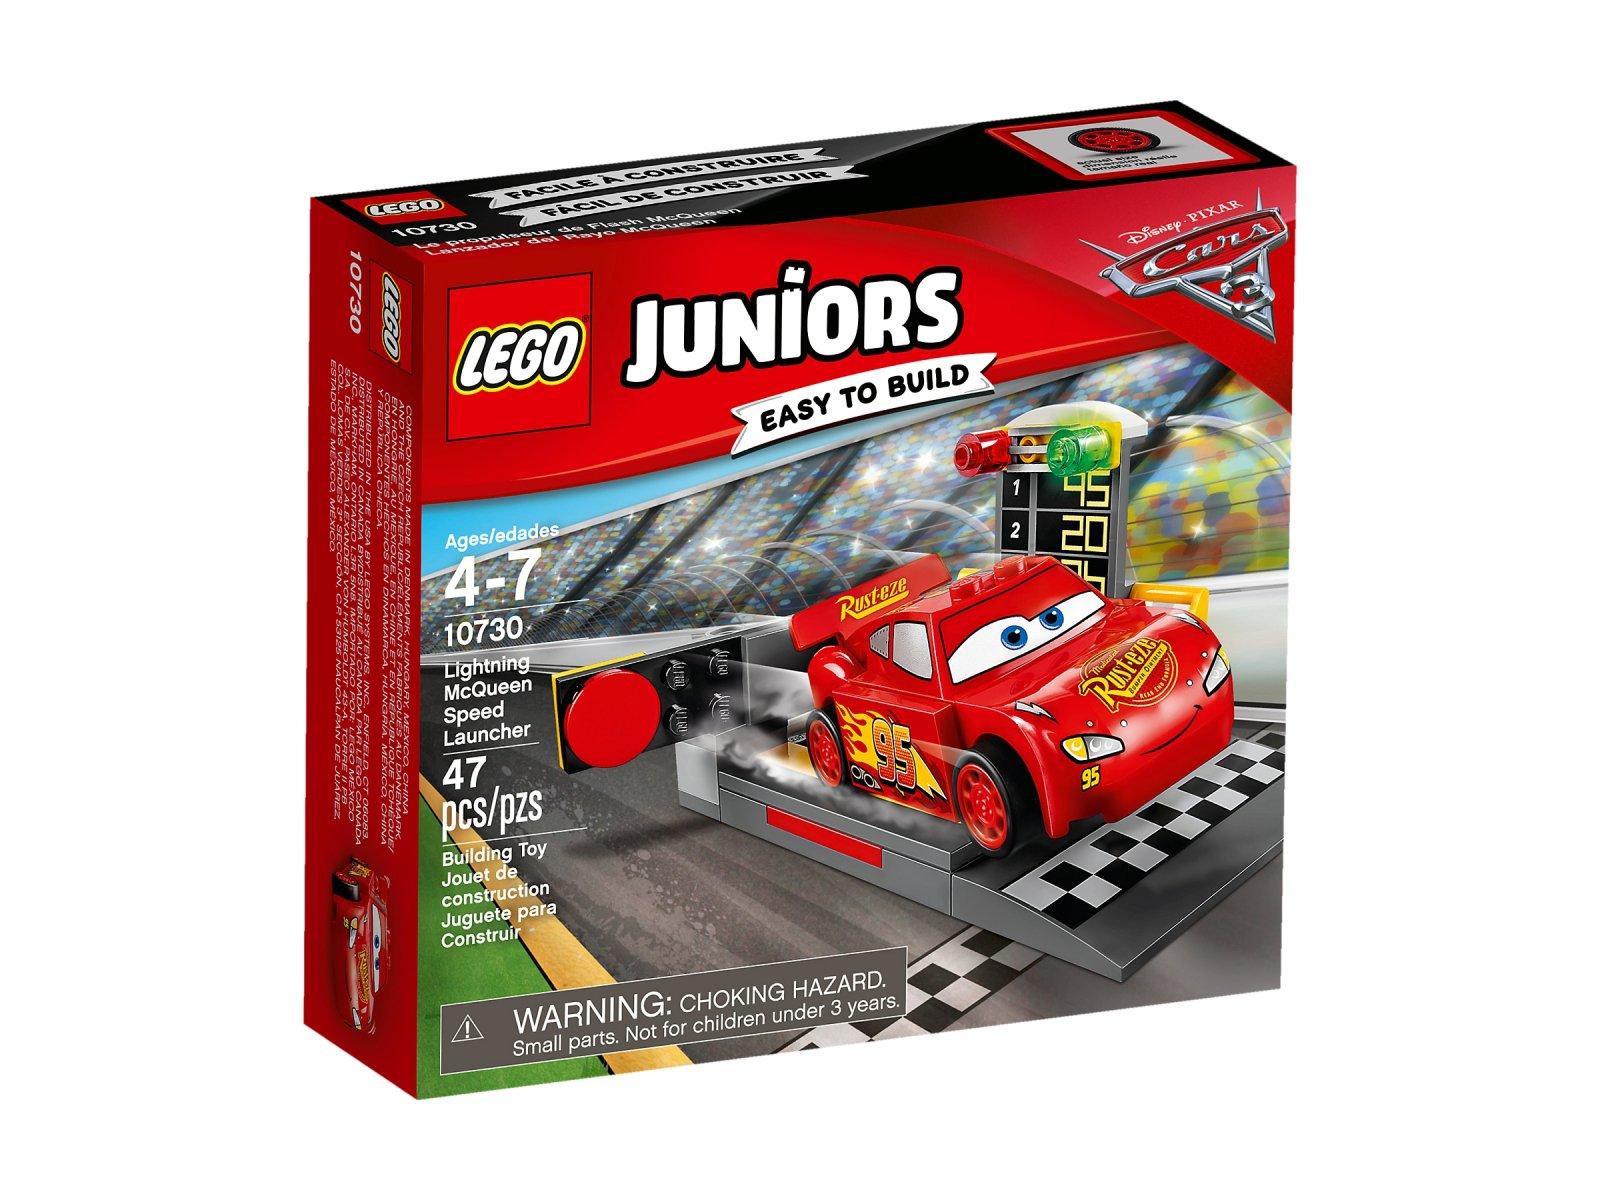 LEGO 10730 Juniors Katapulta Zygzaka McQueena